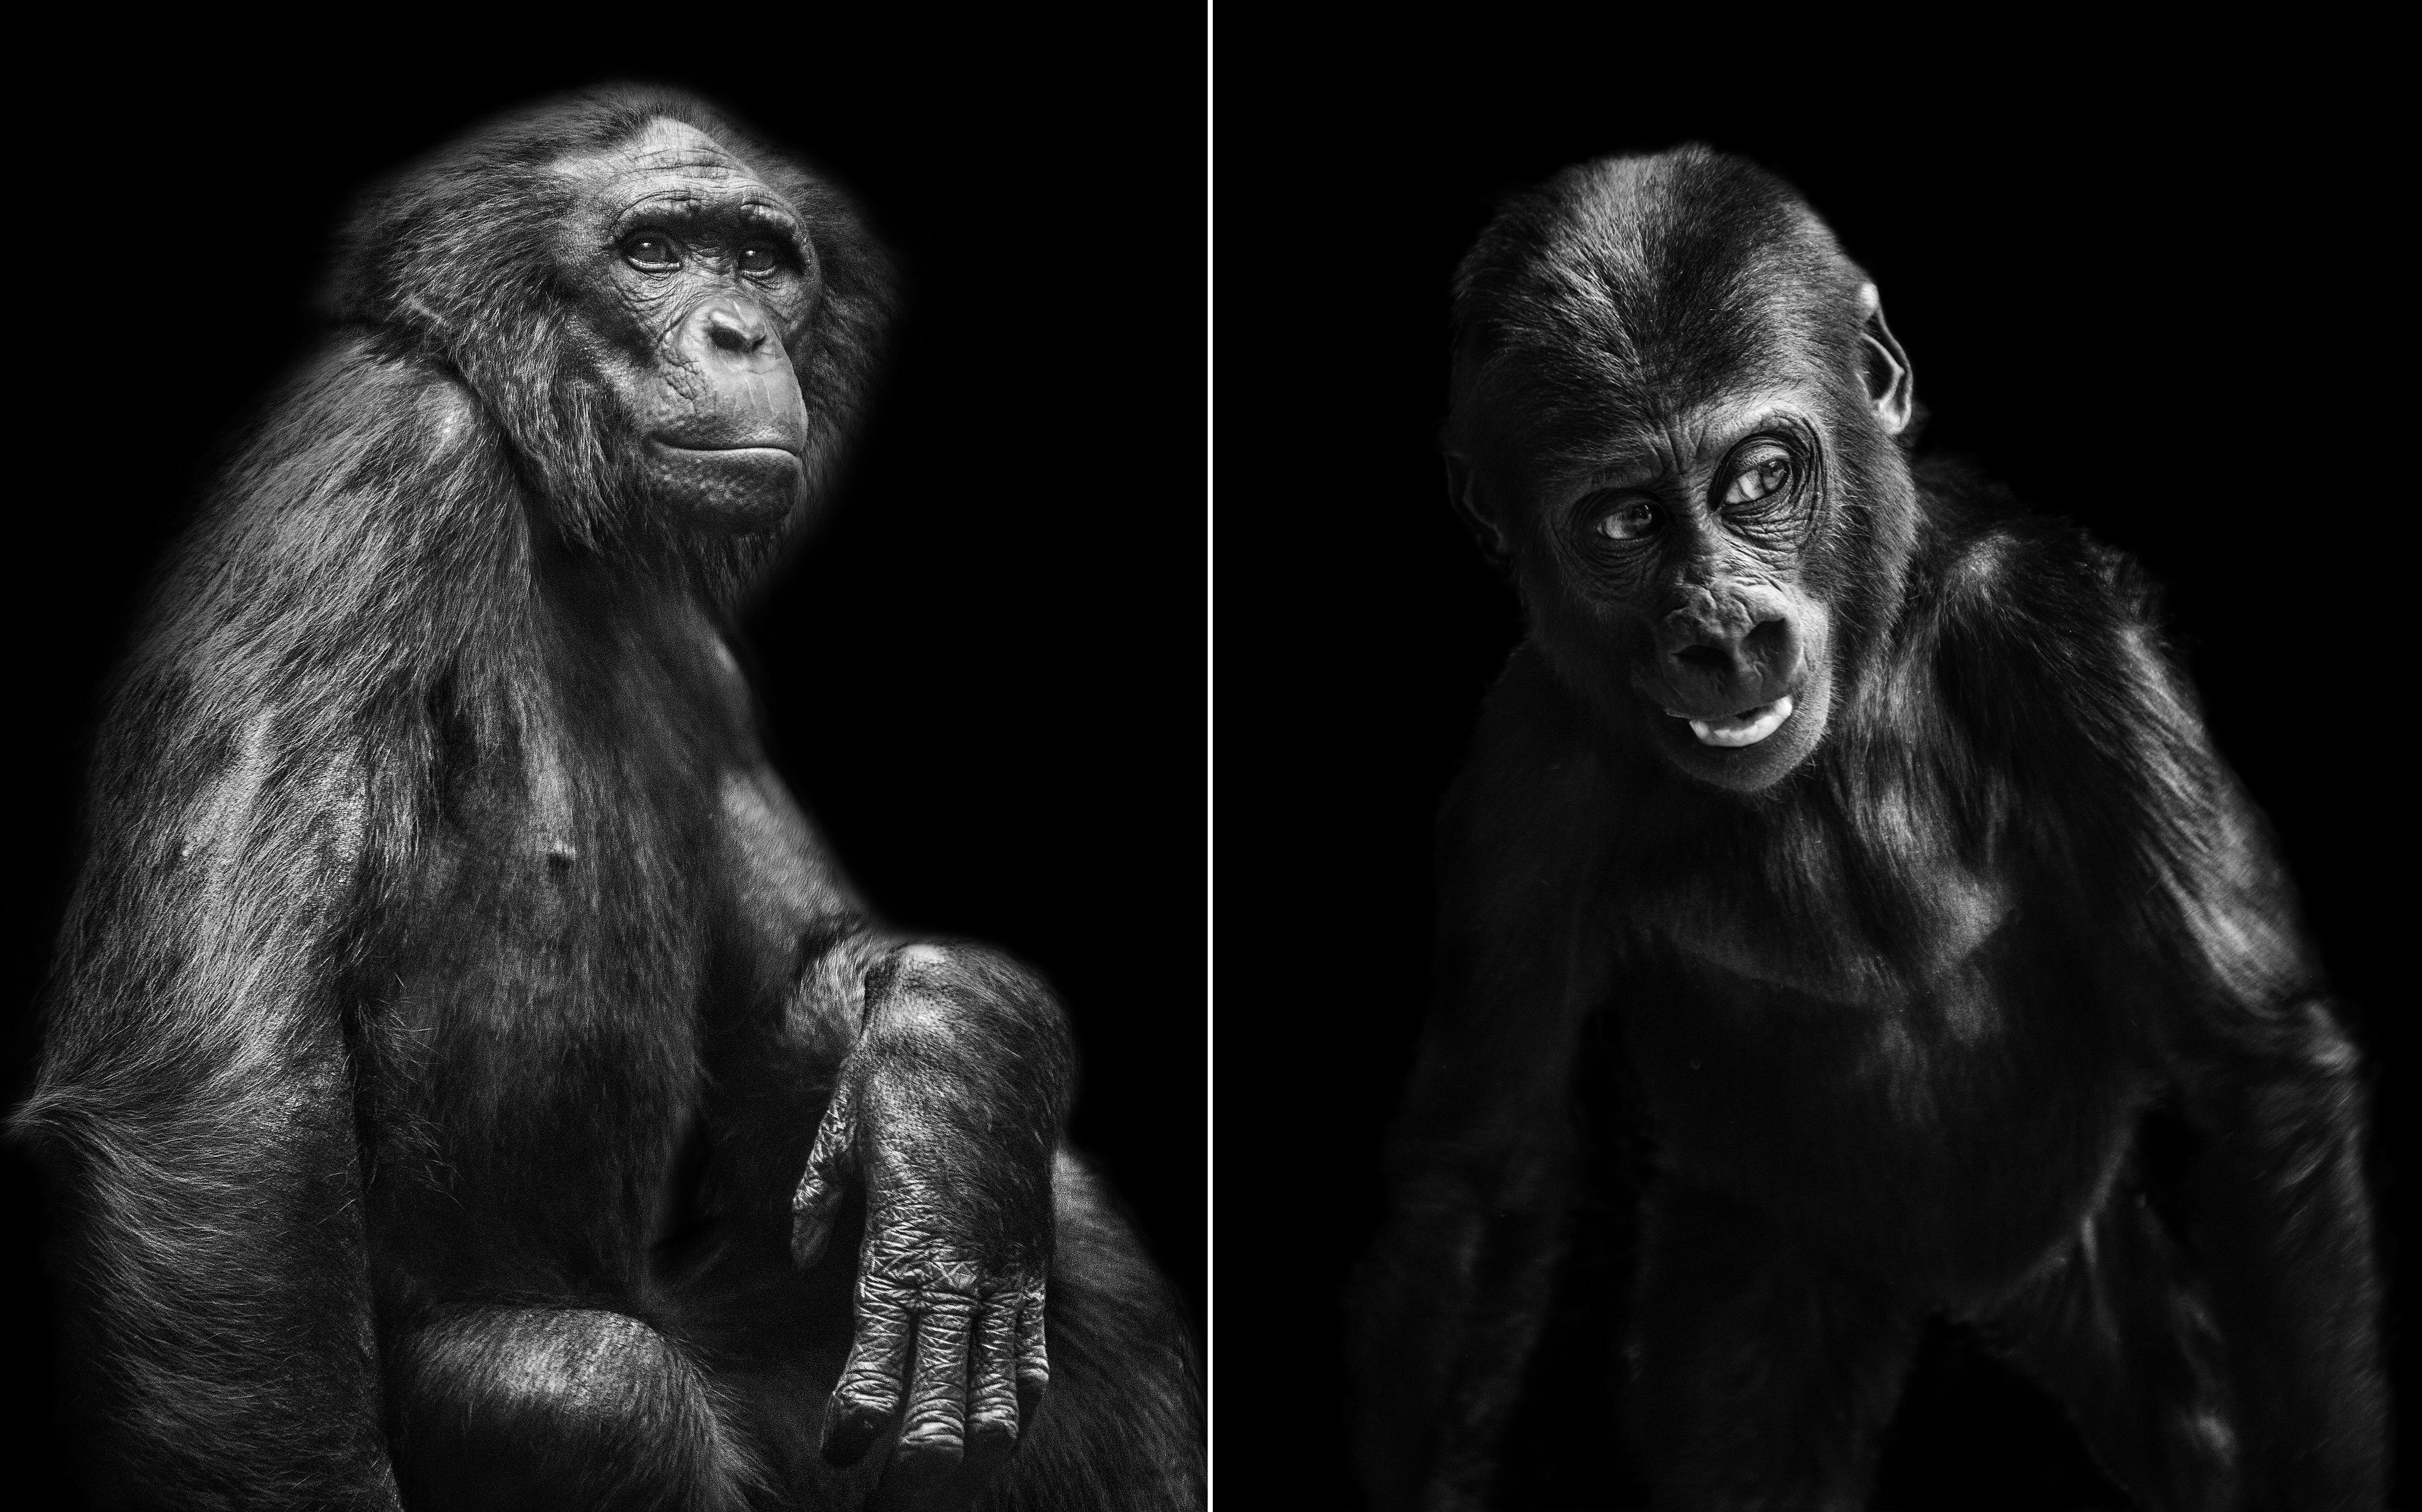 """Zdj�cia z ksi��ki fotograficznej """"inHuman"""", prezentuj�cej portrety ma�p wykonane w europejskich ogrodach zoologicznych przez Paw�a Bogumi�a (fot, Pawe� Bogumi�)"""